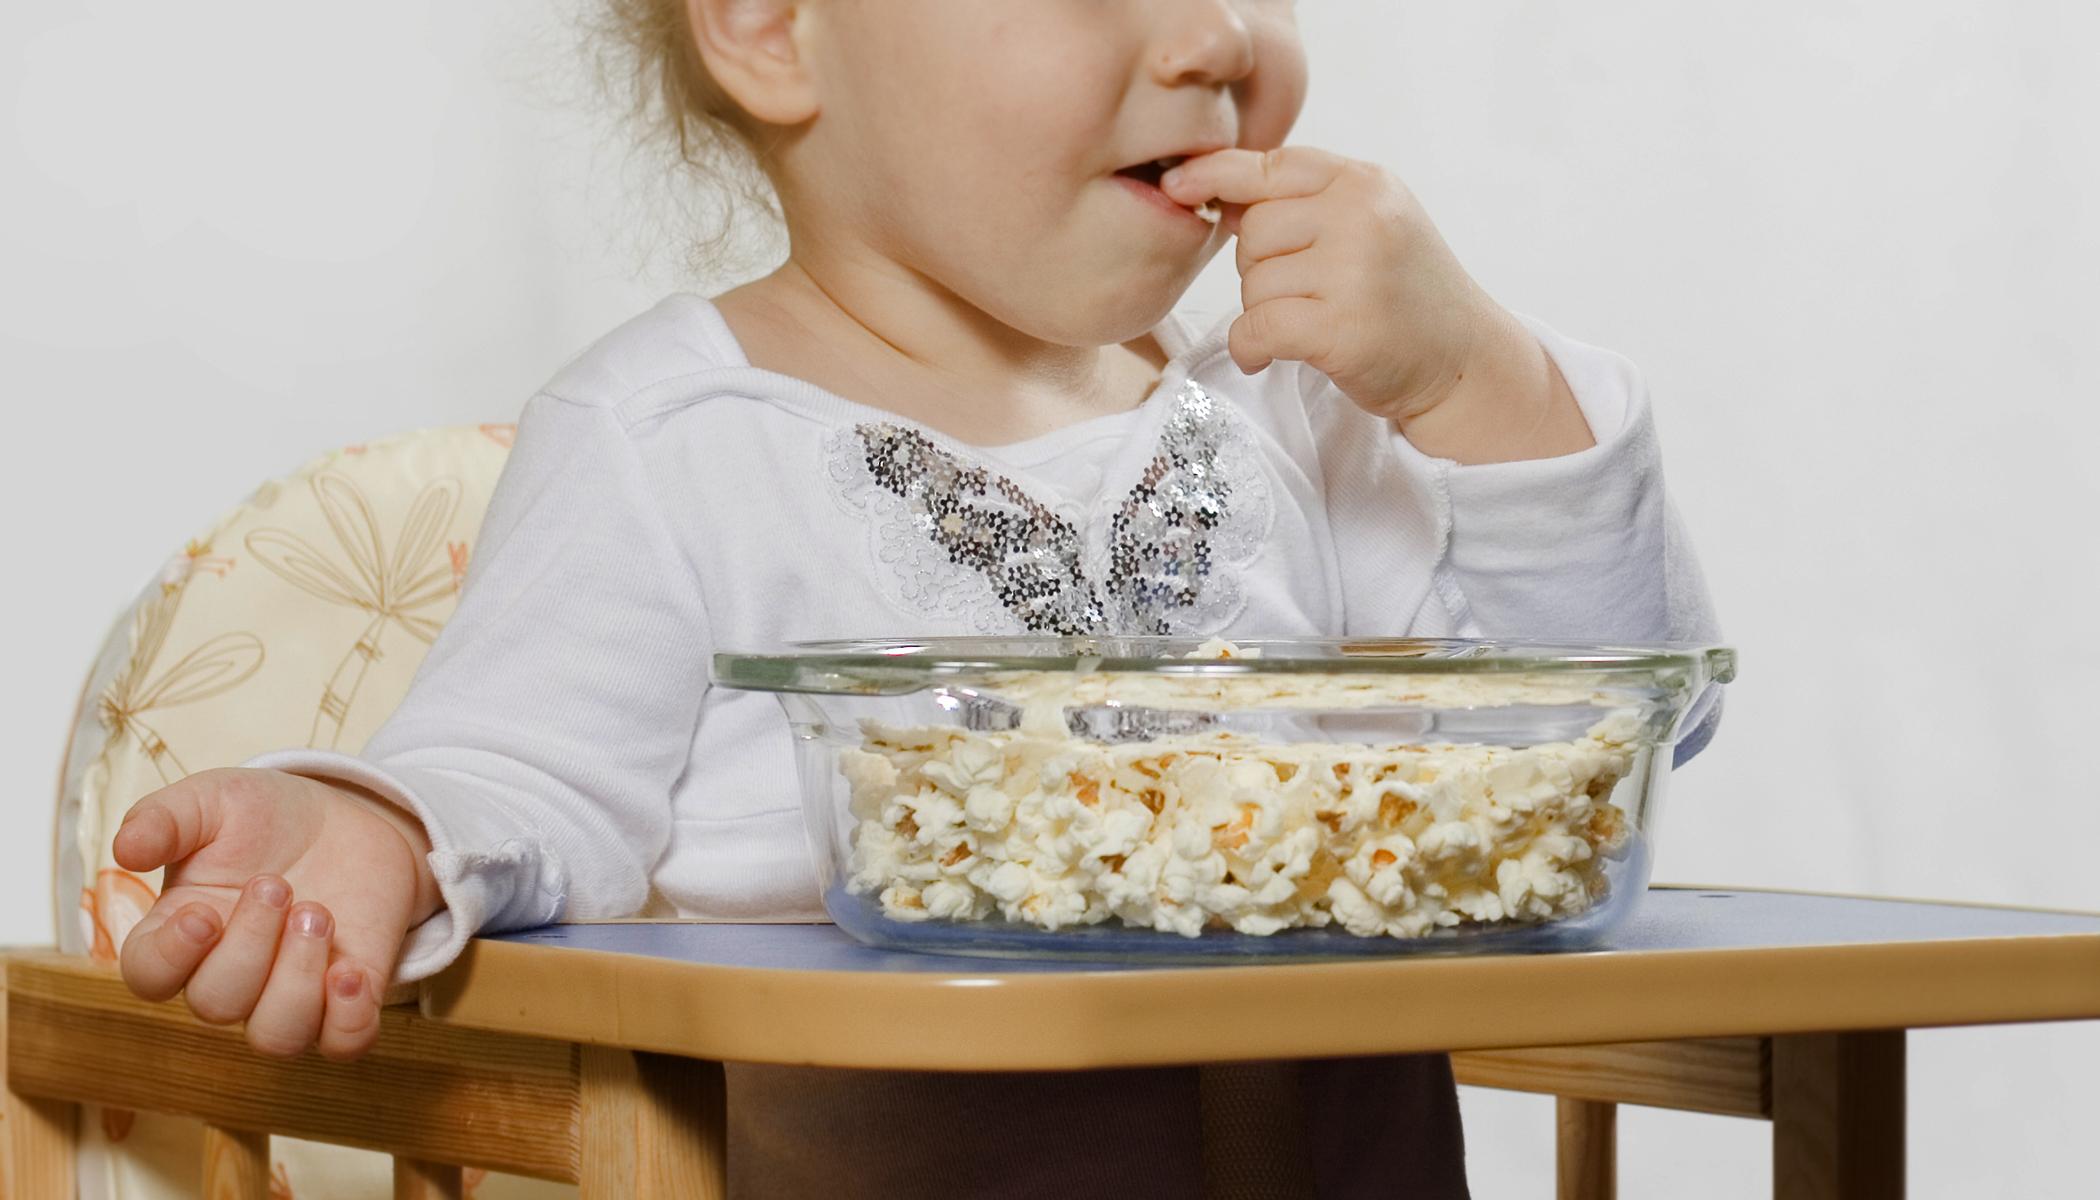 Mengapa Anak Usia Dibawah 4 Tahun Sebaiknya Tidak Makan Popcorn? 3